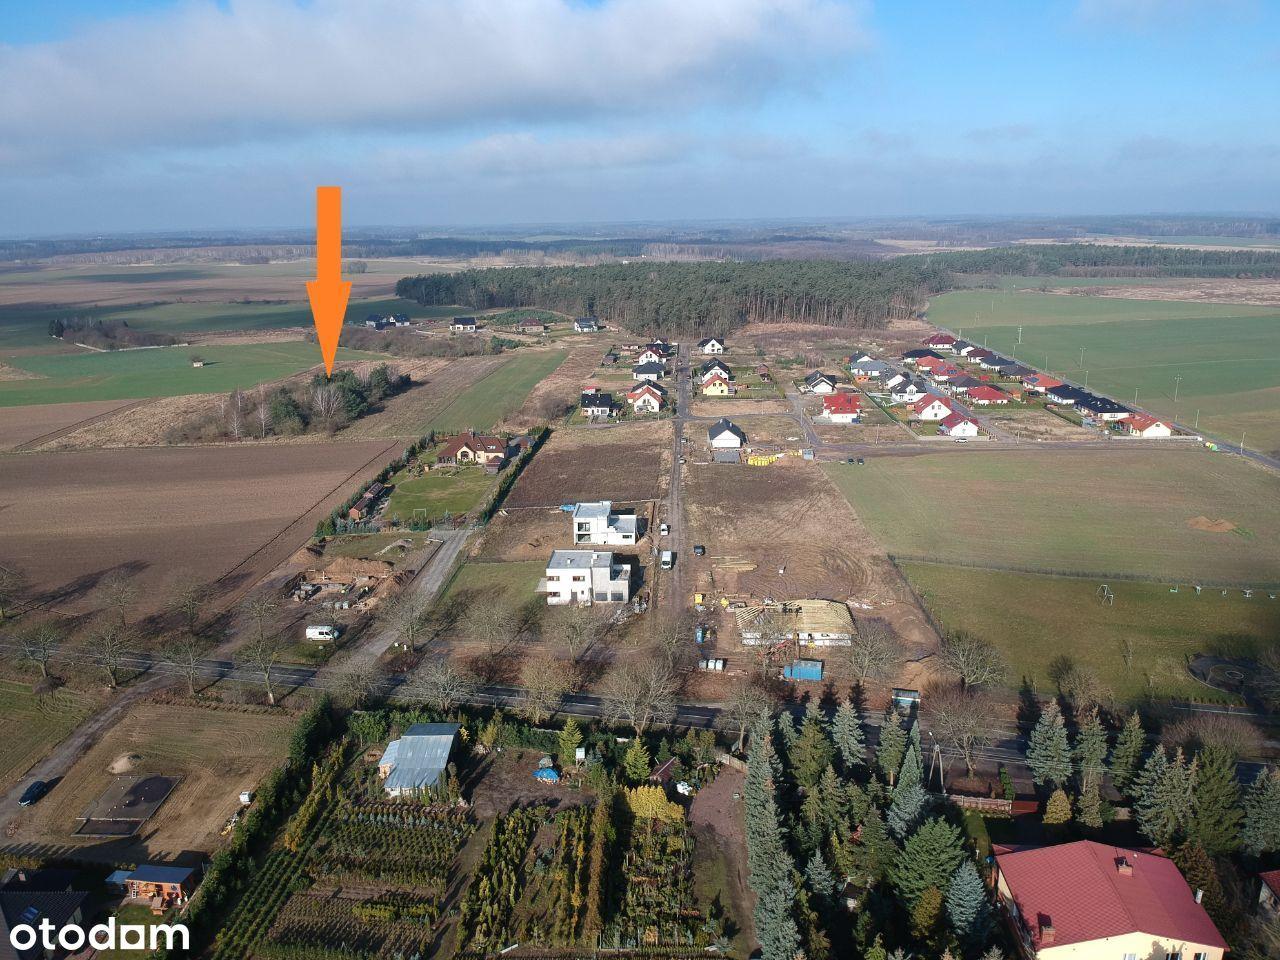 Duża działka w m. Koplin gm. Choszczno 0,25 ha